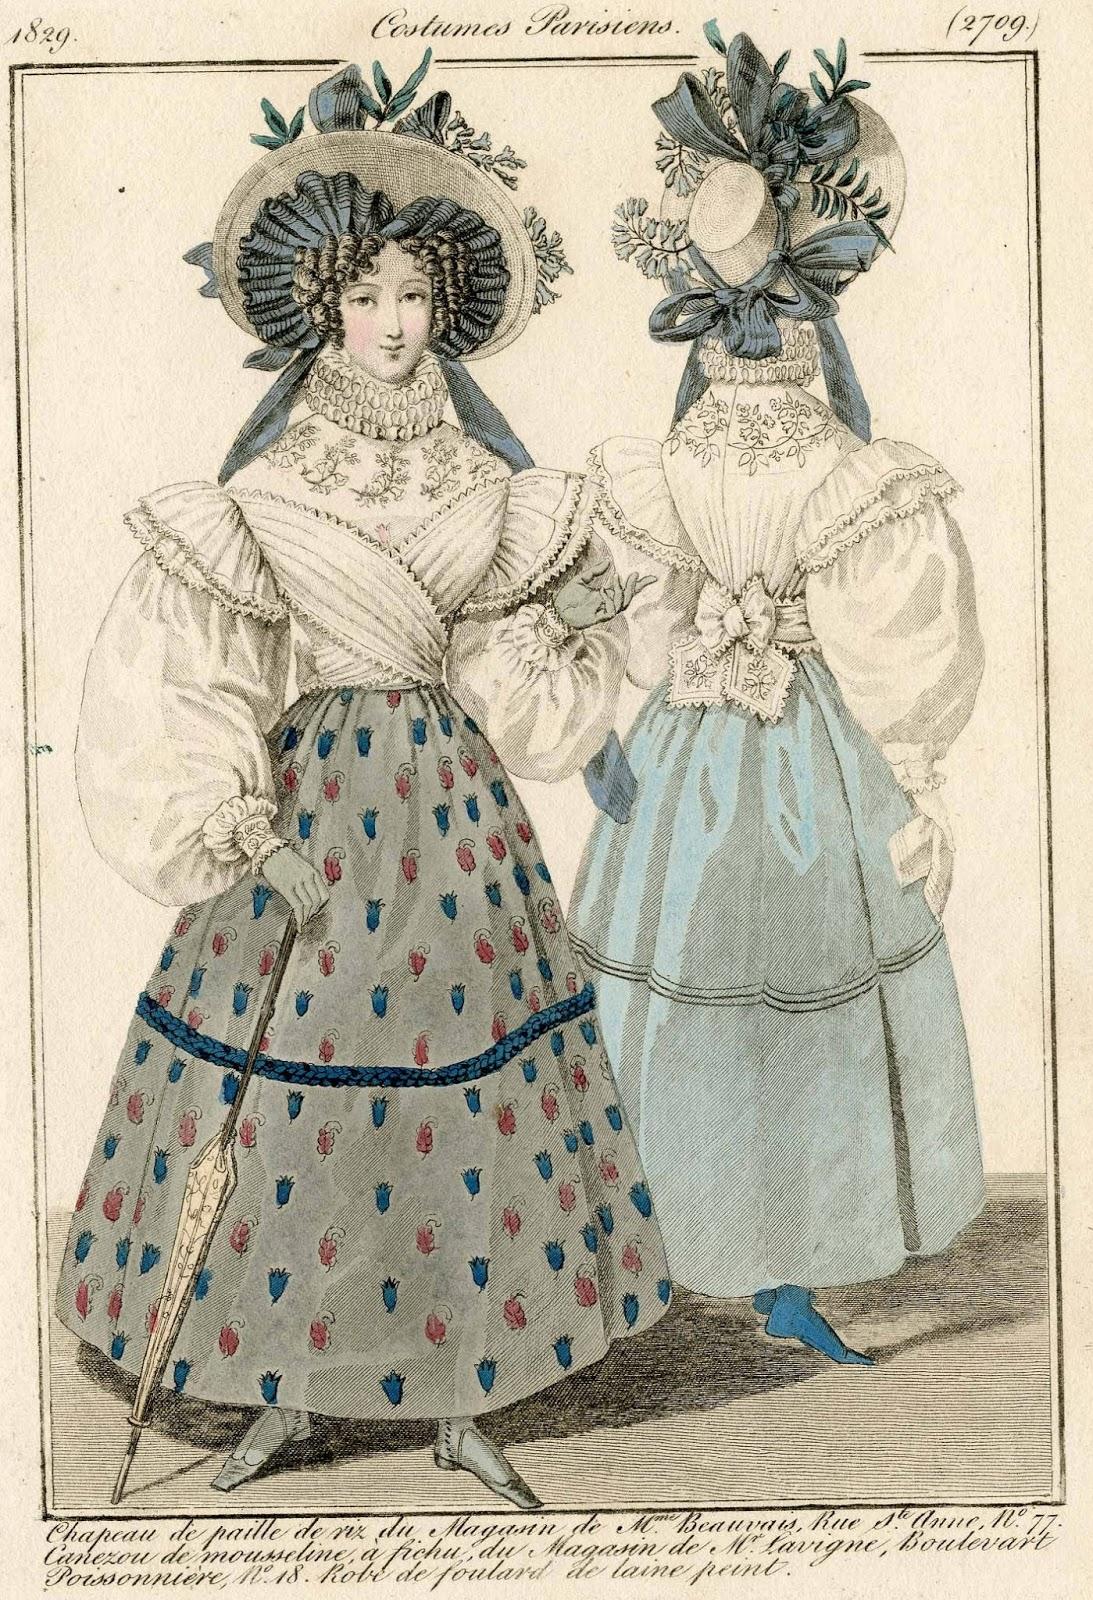 ba0dda0699 Reggeli séta ruha nyomtatott mintás foulard de laine (selyem és gyapjú  kevertszálas szövet, a szálak csavartan vannak összeszőve, ezáltal a szövet  könnyű, ...